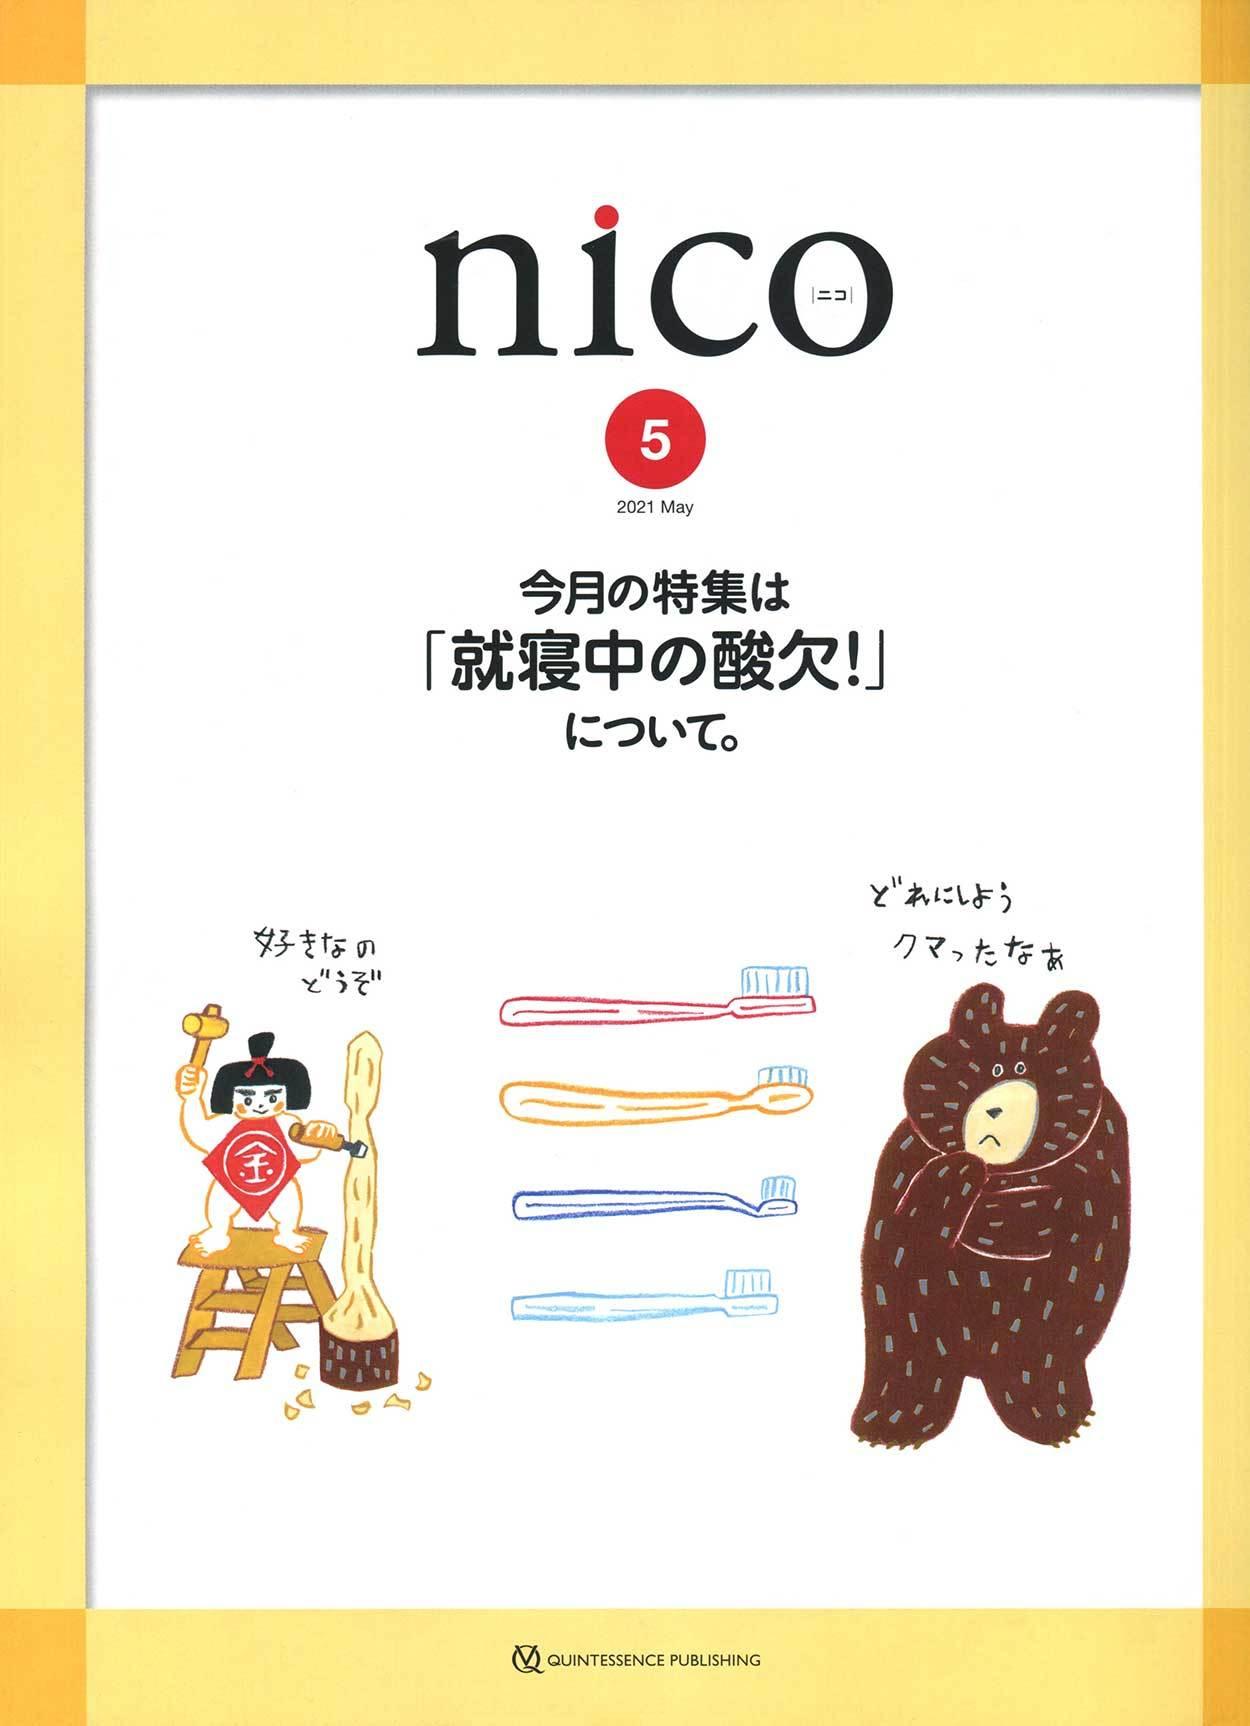 歯科情報誌 nico 2021年5月号 扉イラストレーション_a0048227_19230297.jpg